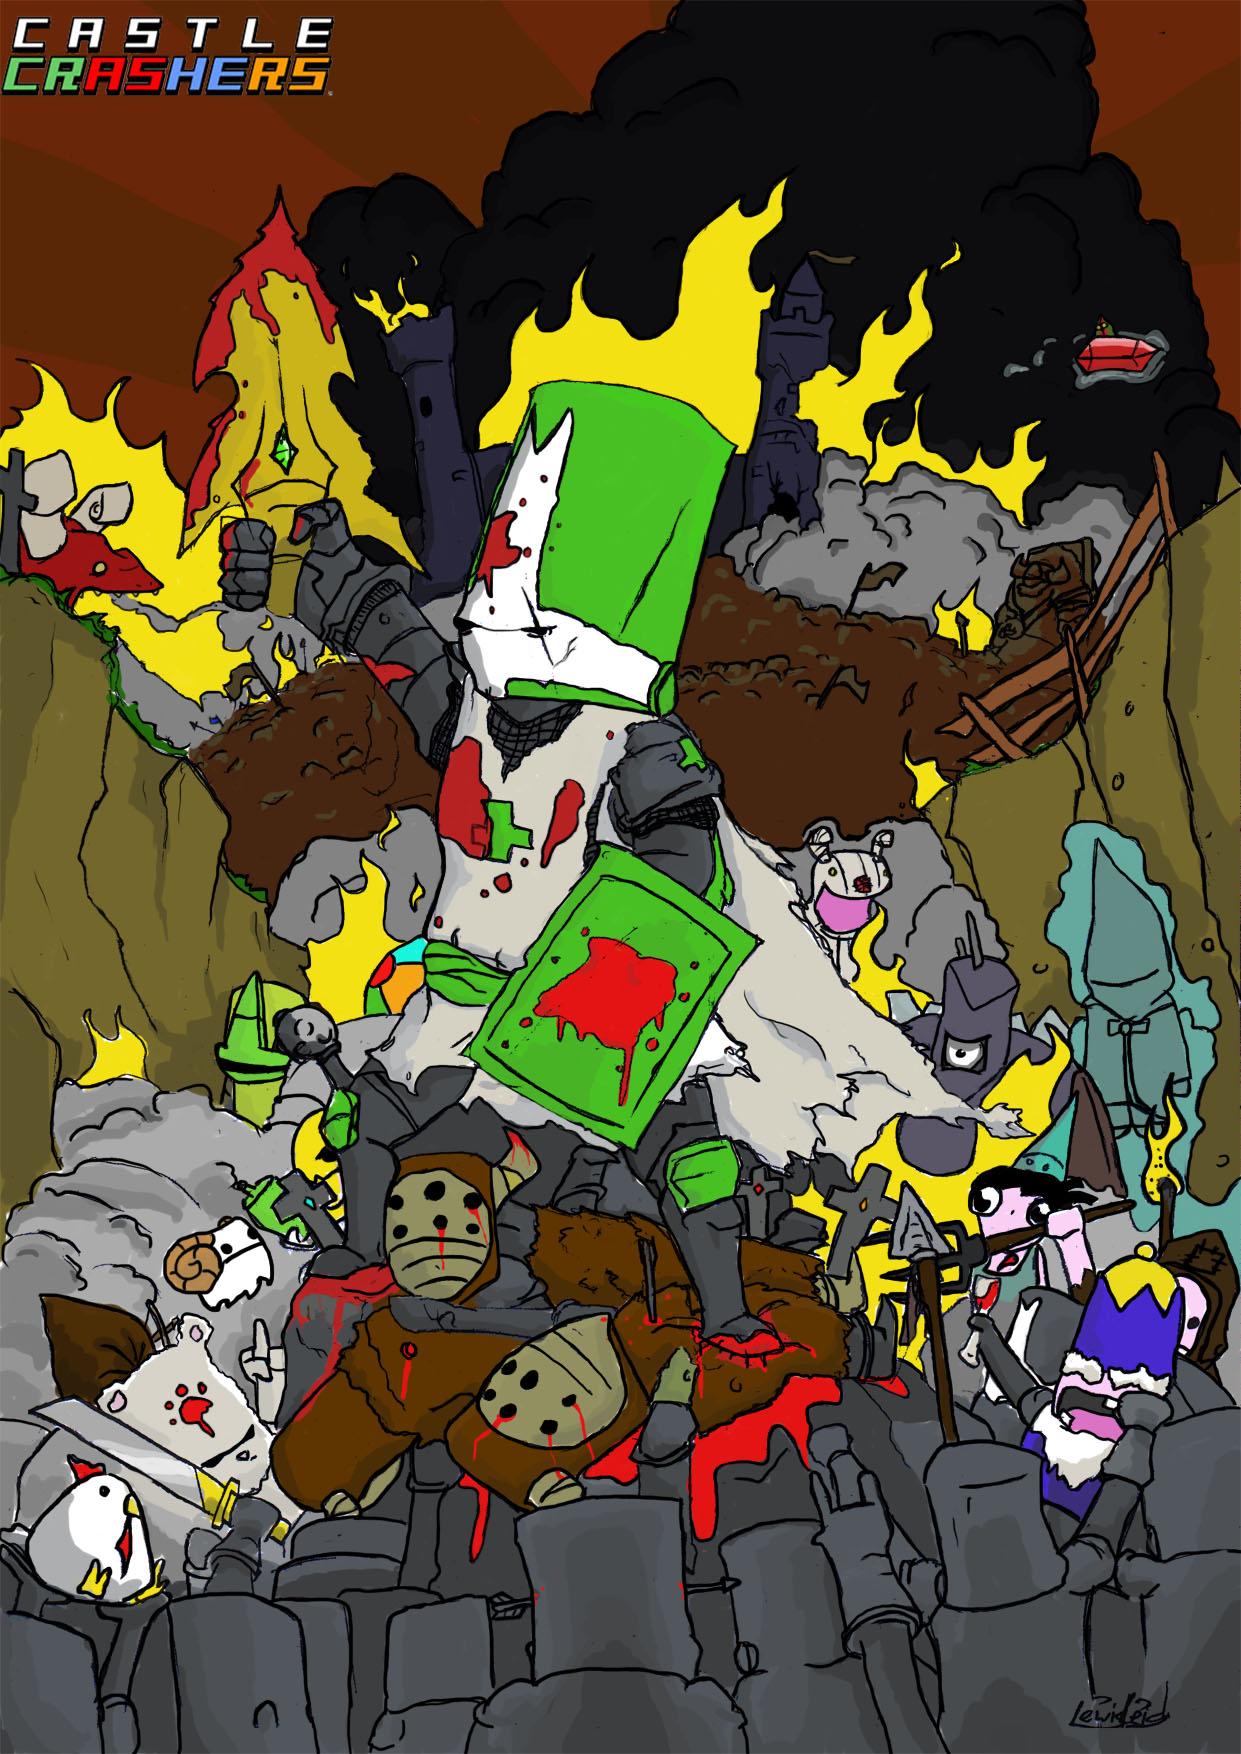 Castle Crashers Epic